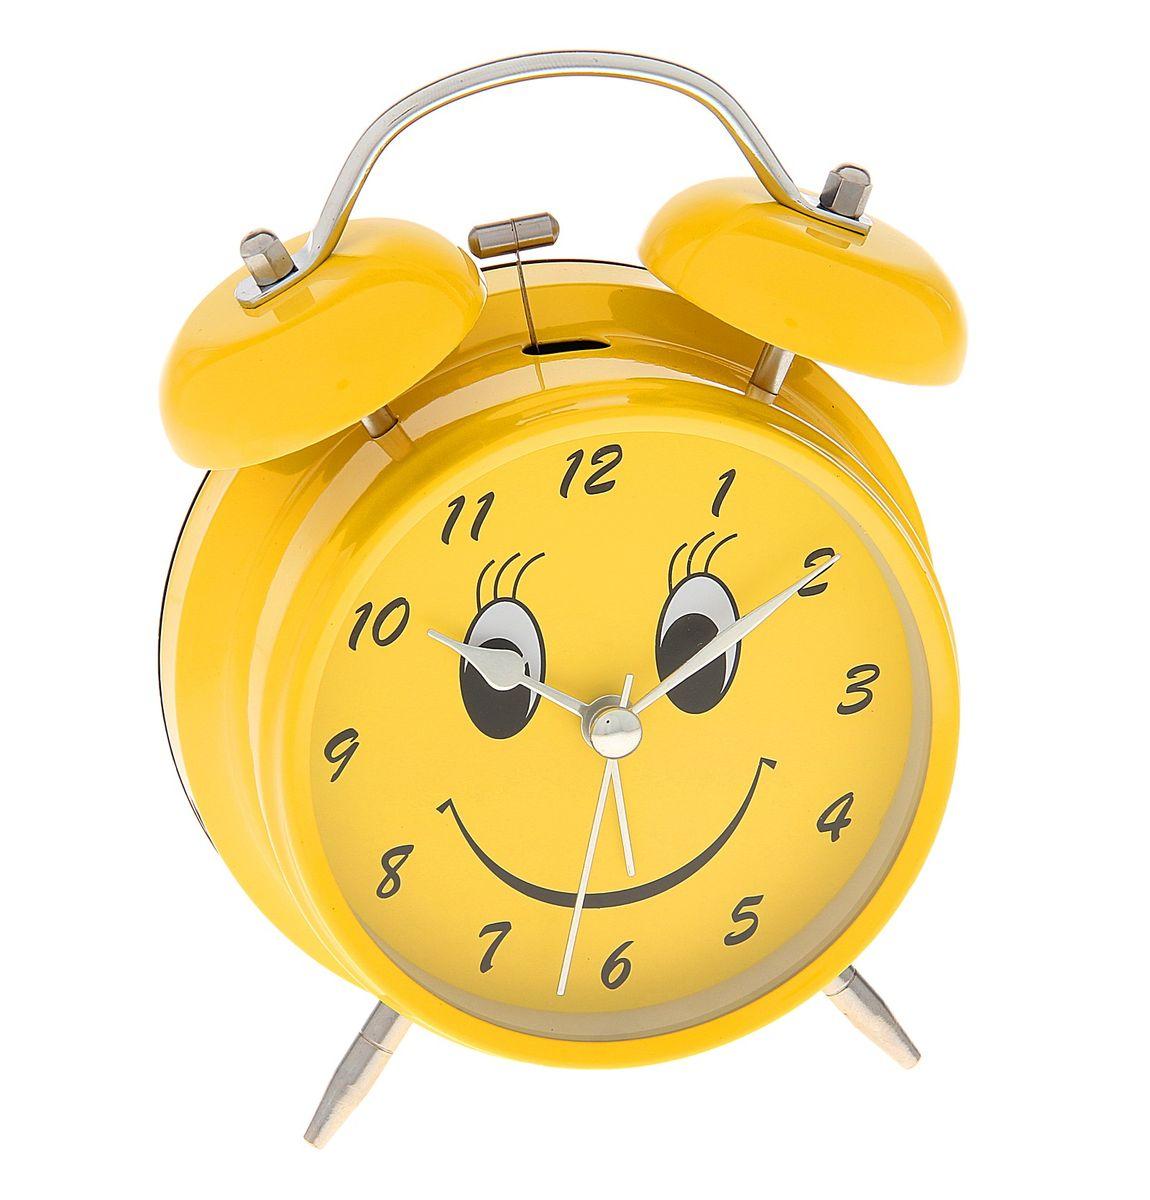 Часы-будильник Sima-land Смайл, цвет: желтый. 720829179040Как же сложно иногда вставать вовремя! Всегда так хочется поспать еще хотя бы 5 минут и бывает, что мы просыпаем. Теперь этого не случится! Яркий, оригинальный будильник Sima-land Смайл поможет вам всегда вставать в нужное время и успевать везде и всюду.Корпус будильника выполнен из металла. Циферблат оформлен изображением веселого смайла. Часы снабжены 4 стрелками (секундная, минутная, часовая и для будильника). На задней панели будильника расположен переключатель включения/выключения механизма, а также два колесика для настройки текущего времени и времени звонка будильника. Часы снабжены подсветкой, которая включается нажатием на кнопку с задней стороны. Пользоваться будильником очень легко: нужно всего лишь поставить батарейку, настроить точное время и установить время звонка. Необходимо докупить 1 батарейку типа АА (не входит в комплект).